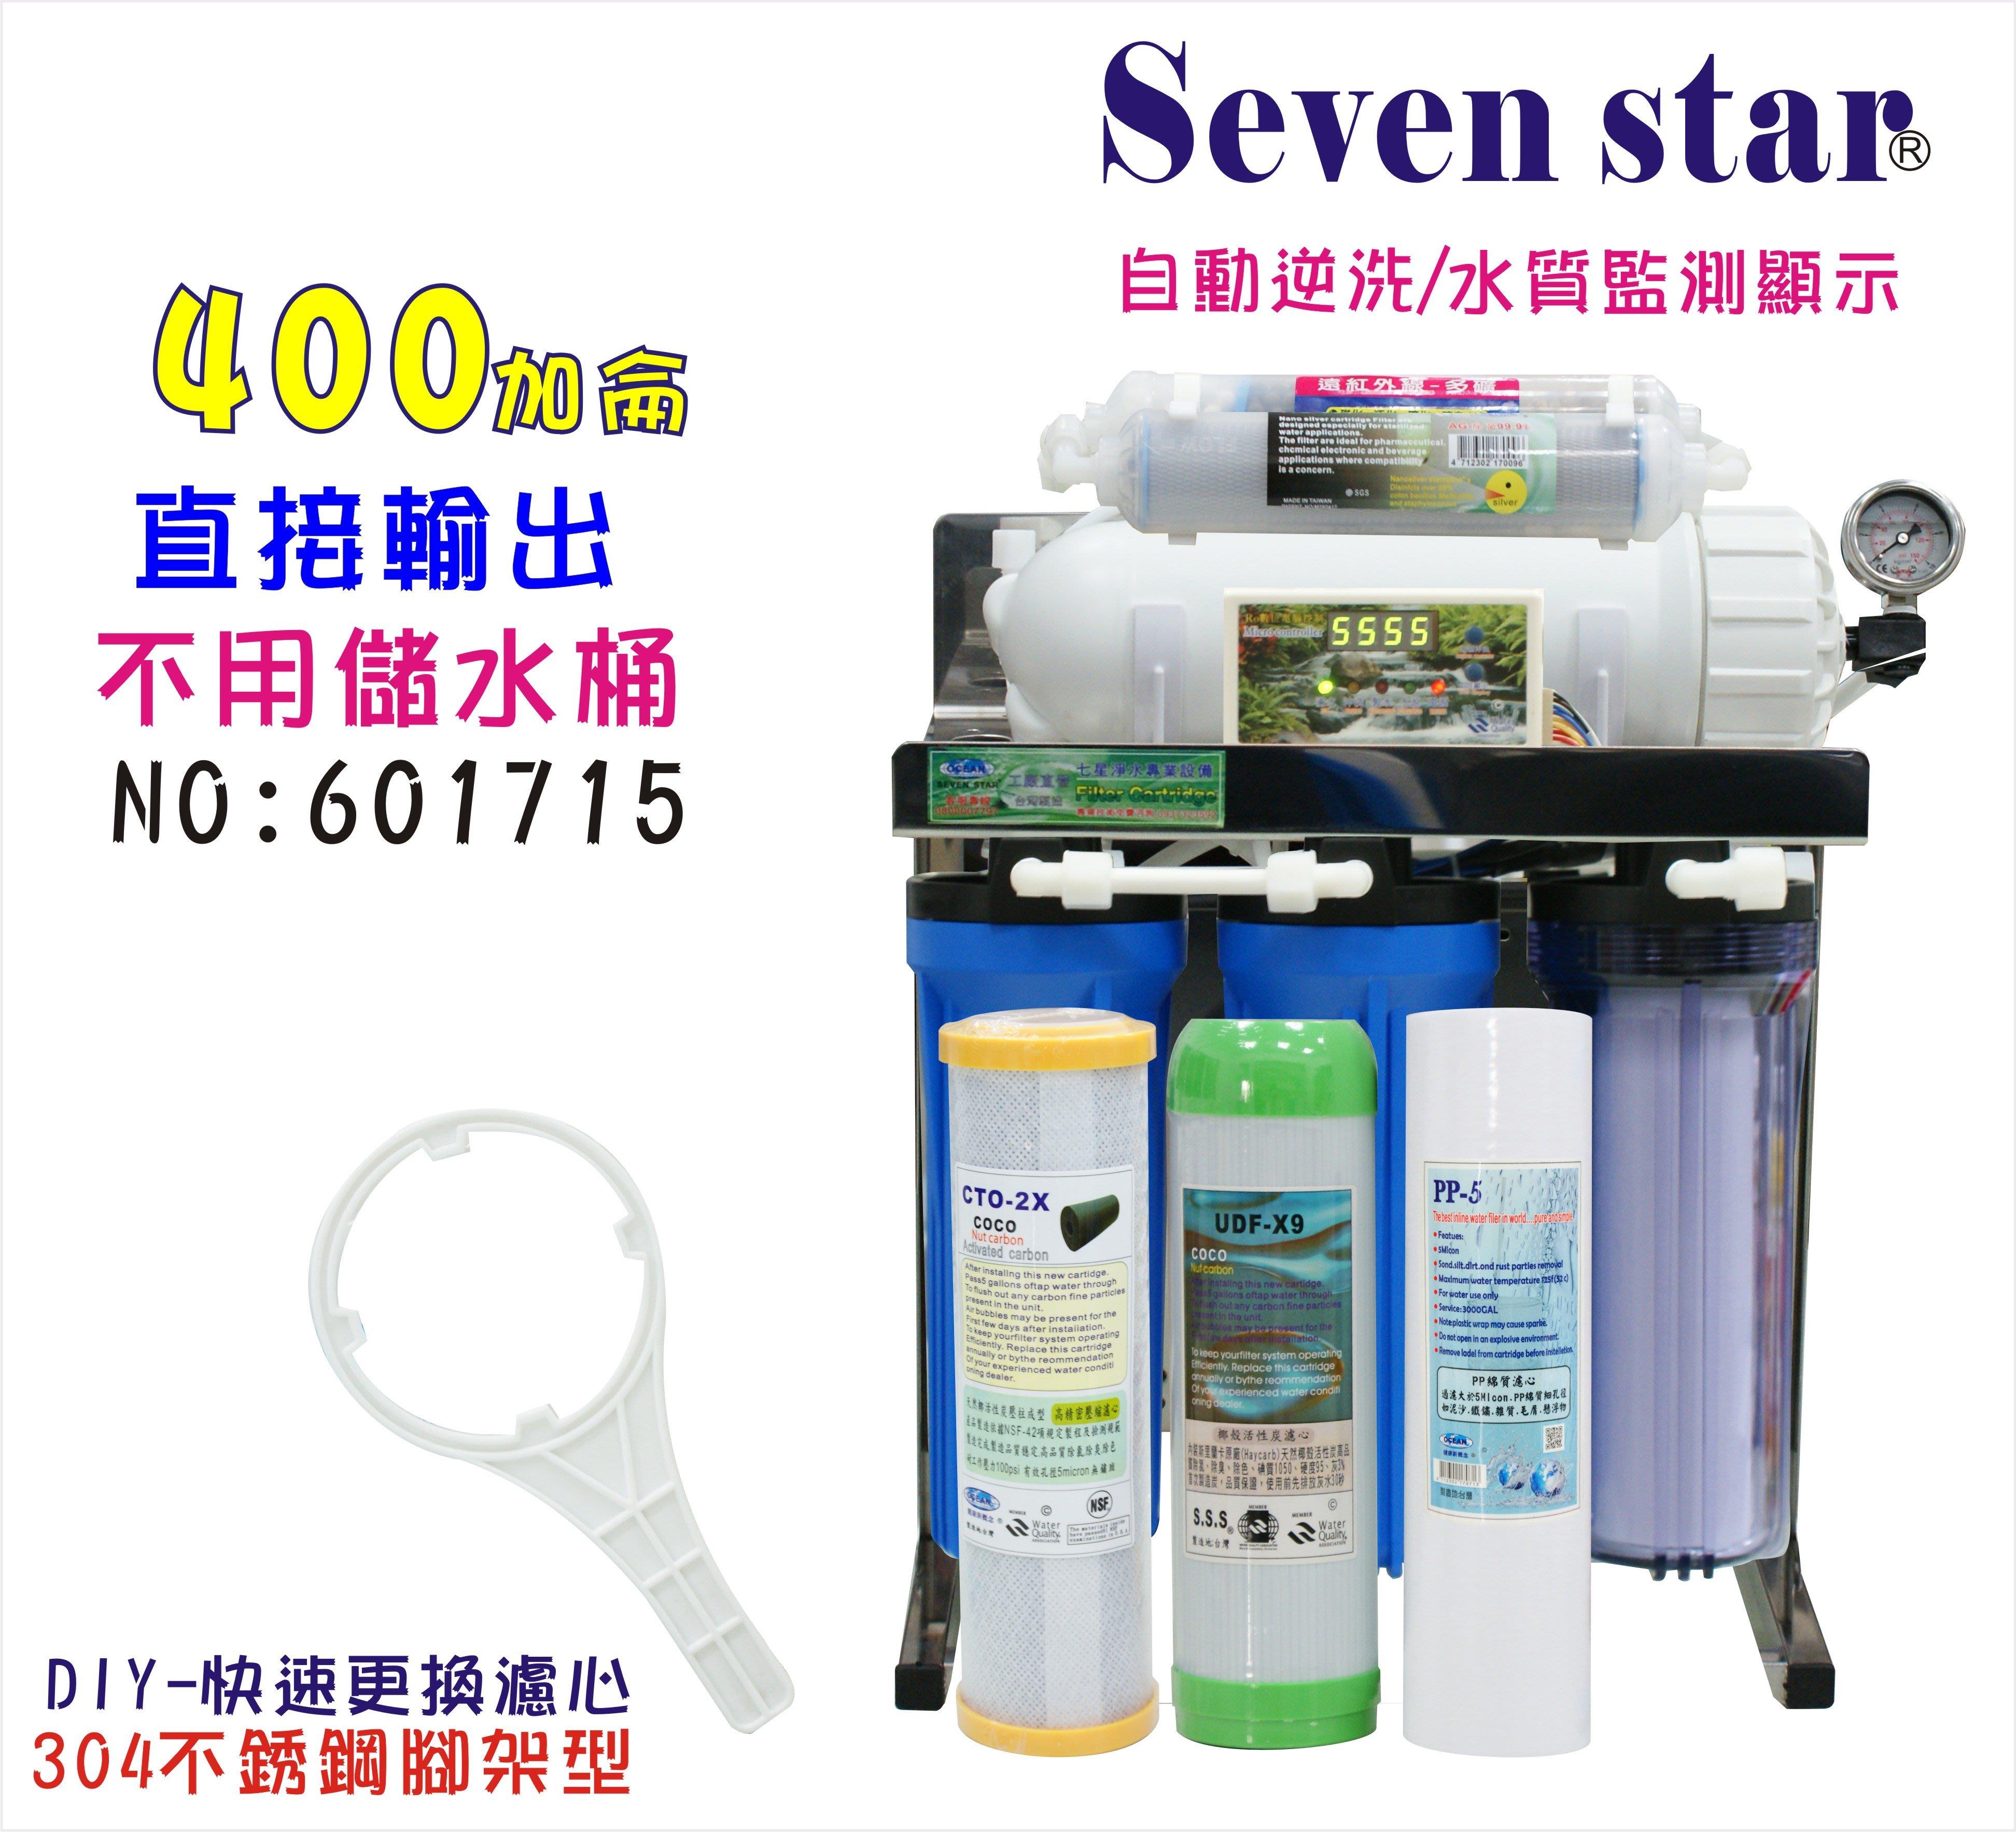 商用RO純水機400加直接輸出10英吋濾心濾心(不用儲水桶)NO:601715【Seven star淨水網】